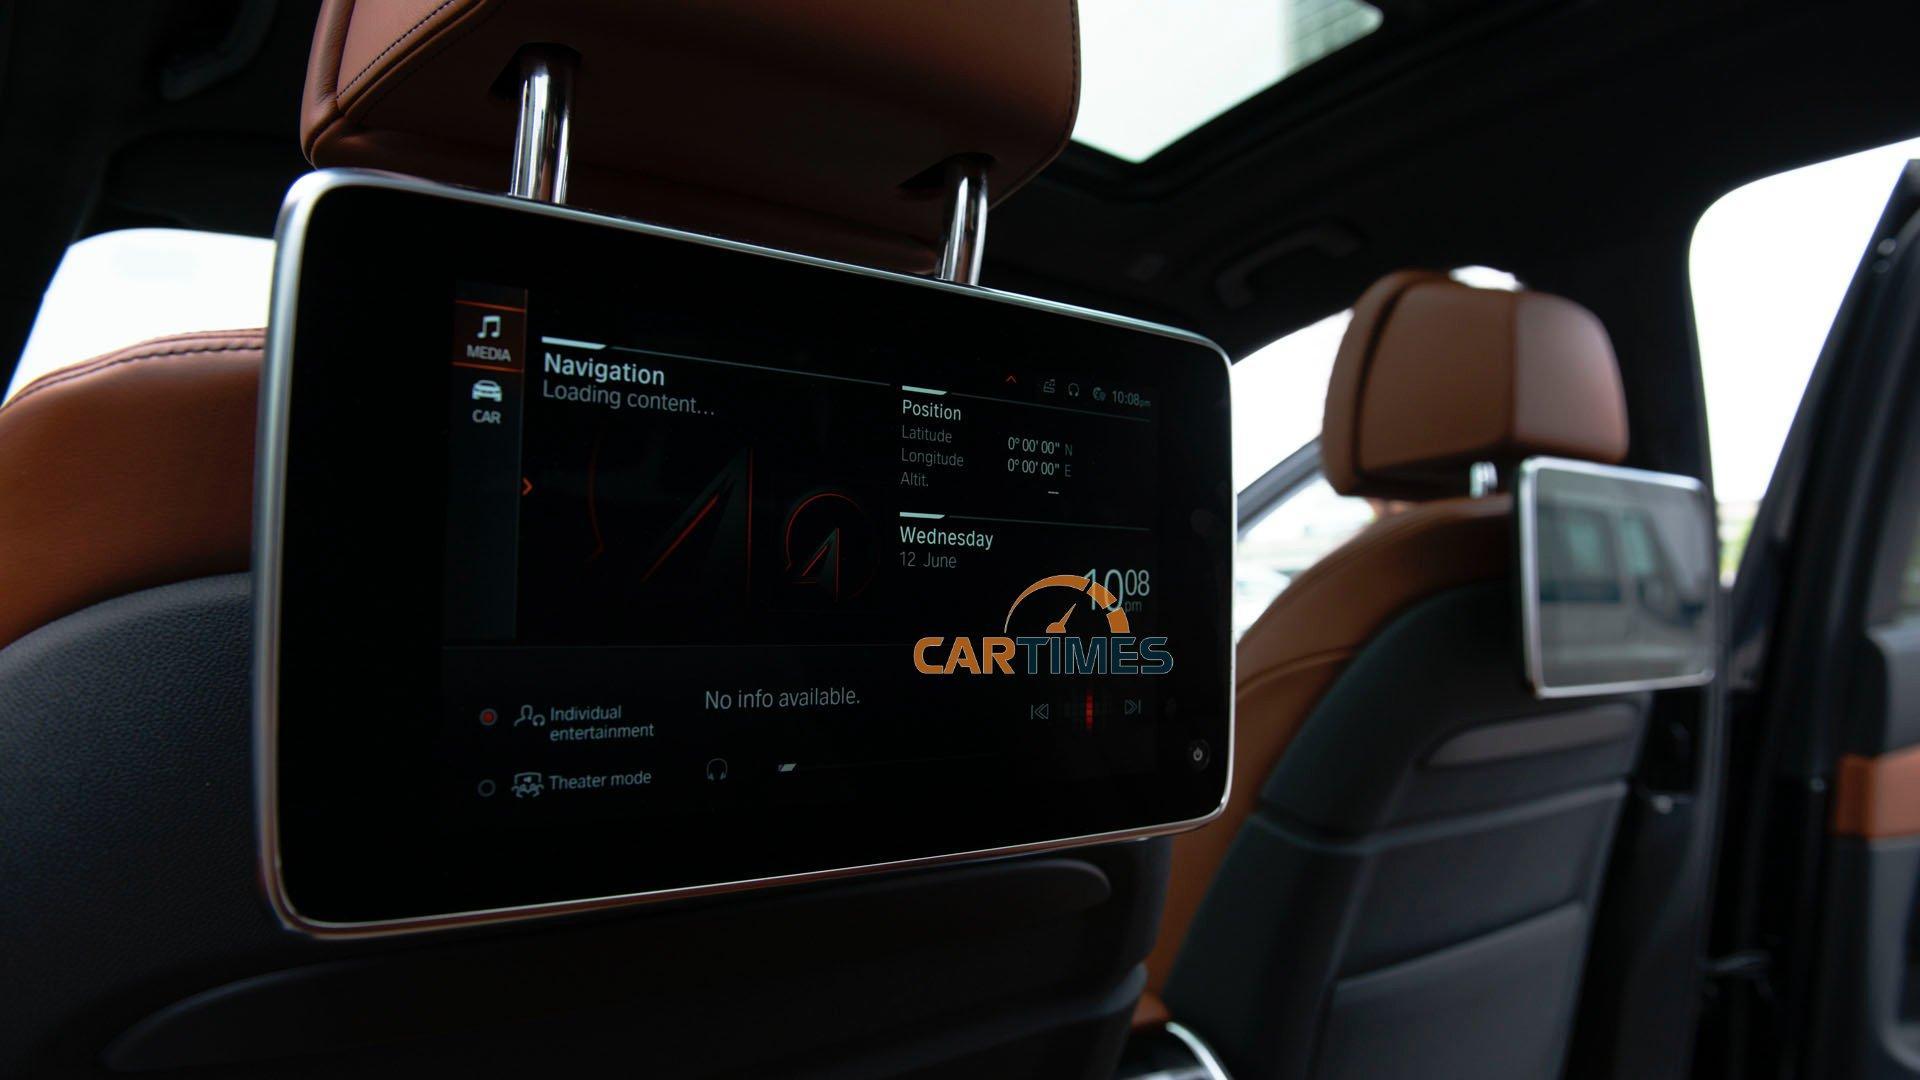 Giá hơn 7 tỷ đồng, BMW X7 thứ 2 về Việt Nam có những trang bị gì? Ảnh 5